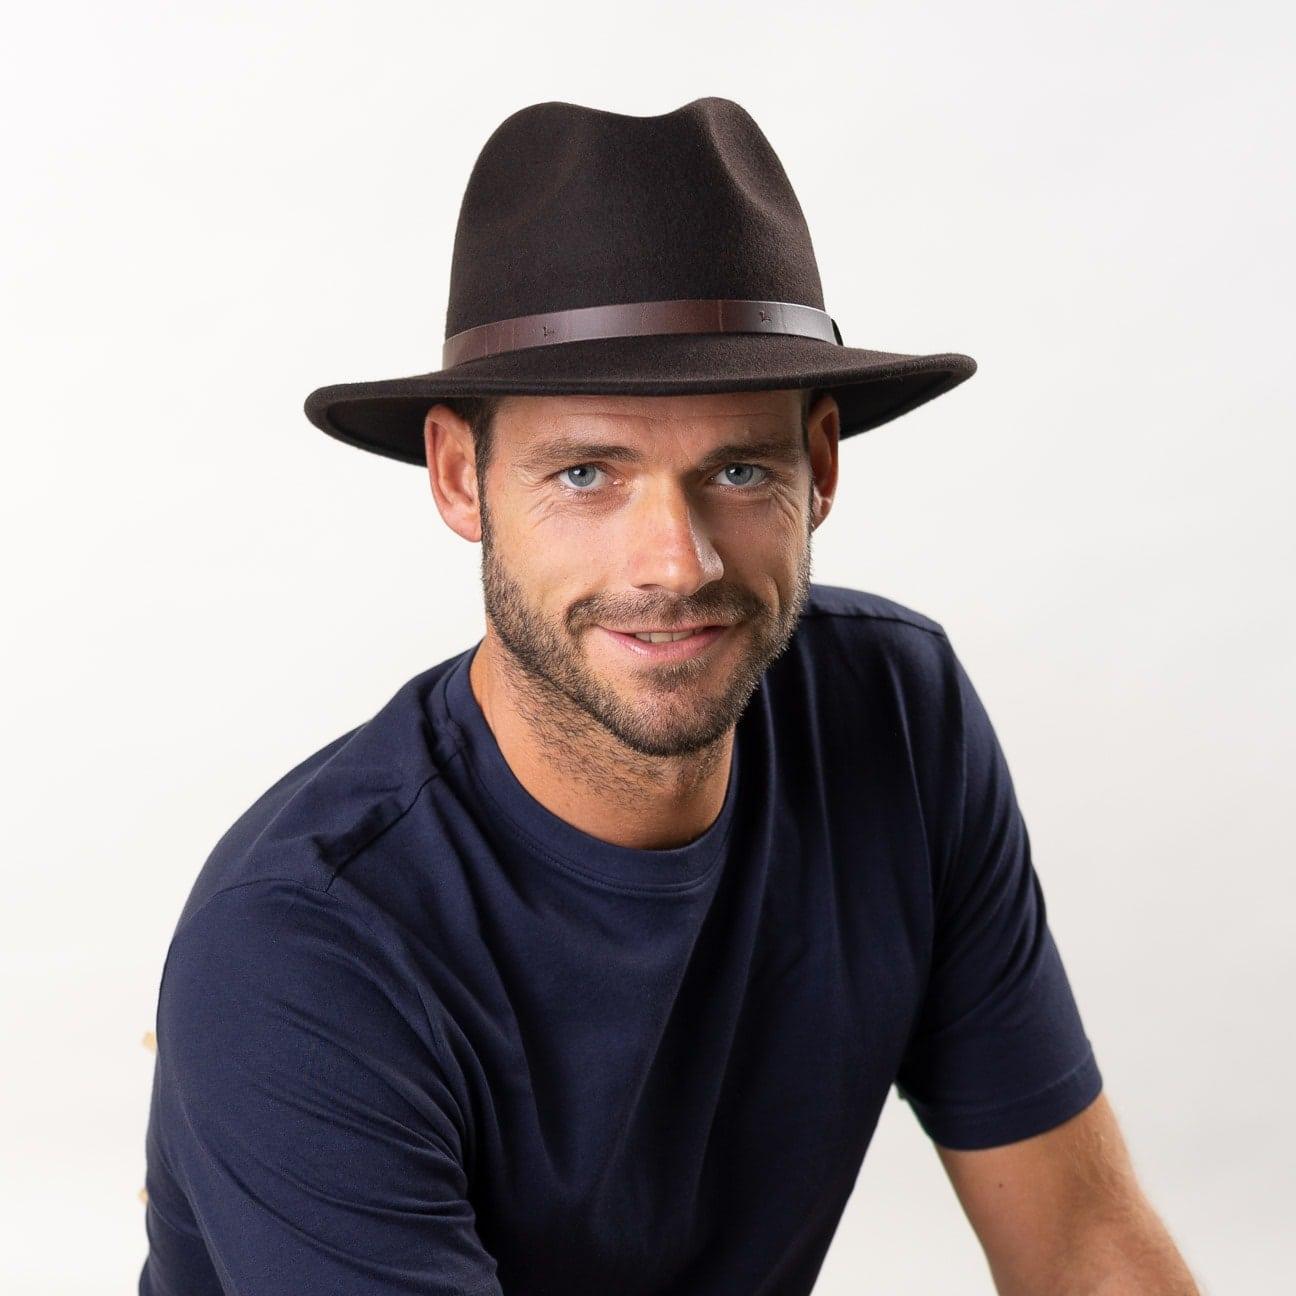 Sombrero para Enrollar by Lierys - Sombreros - sombreroshop.es c9392b87ab8